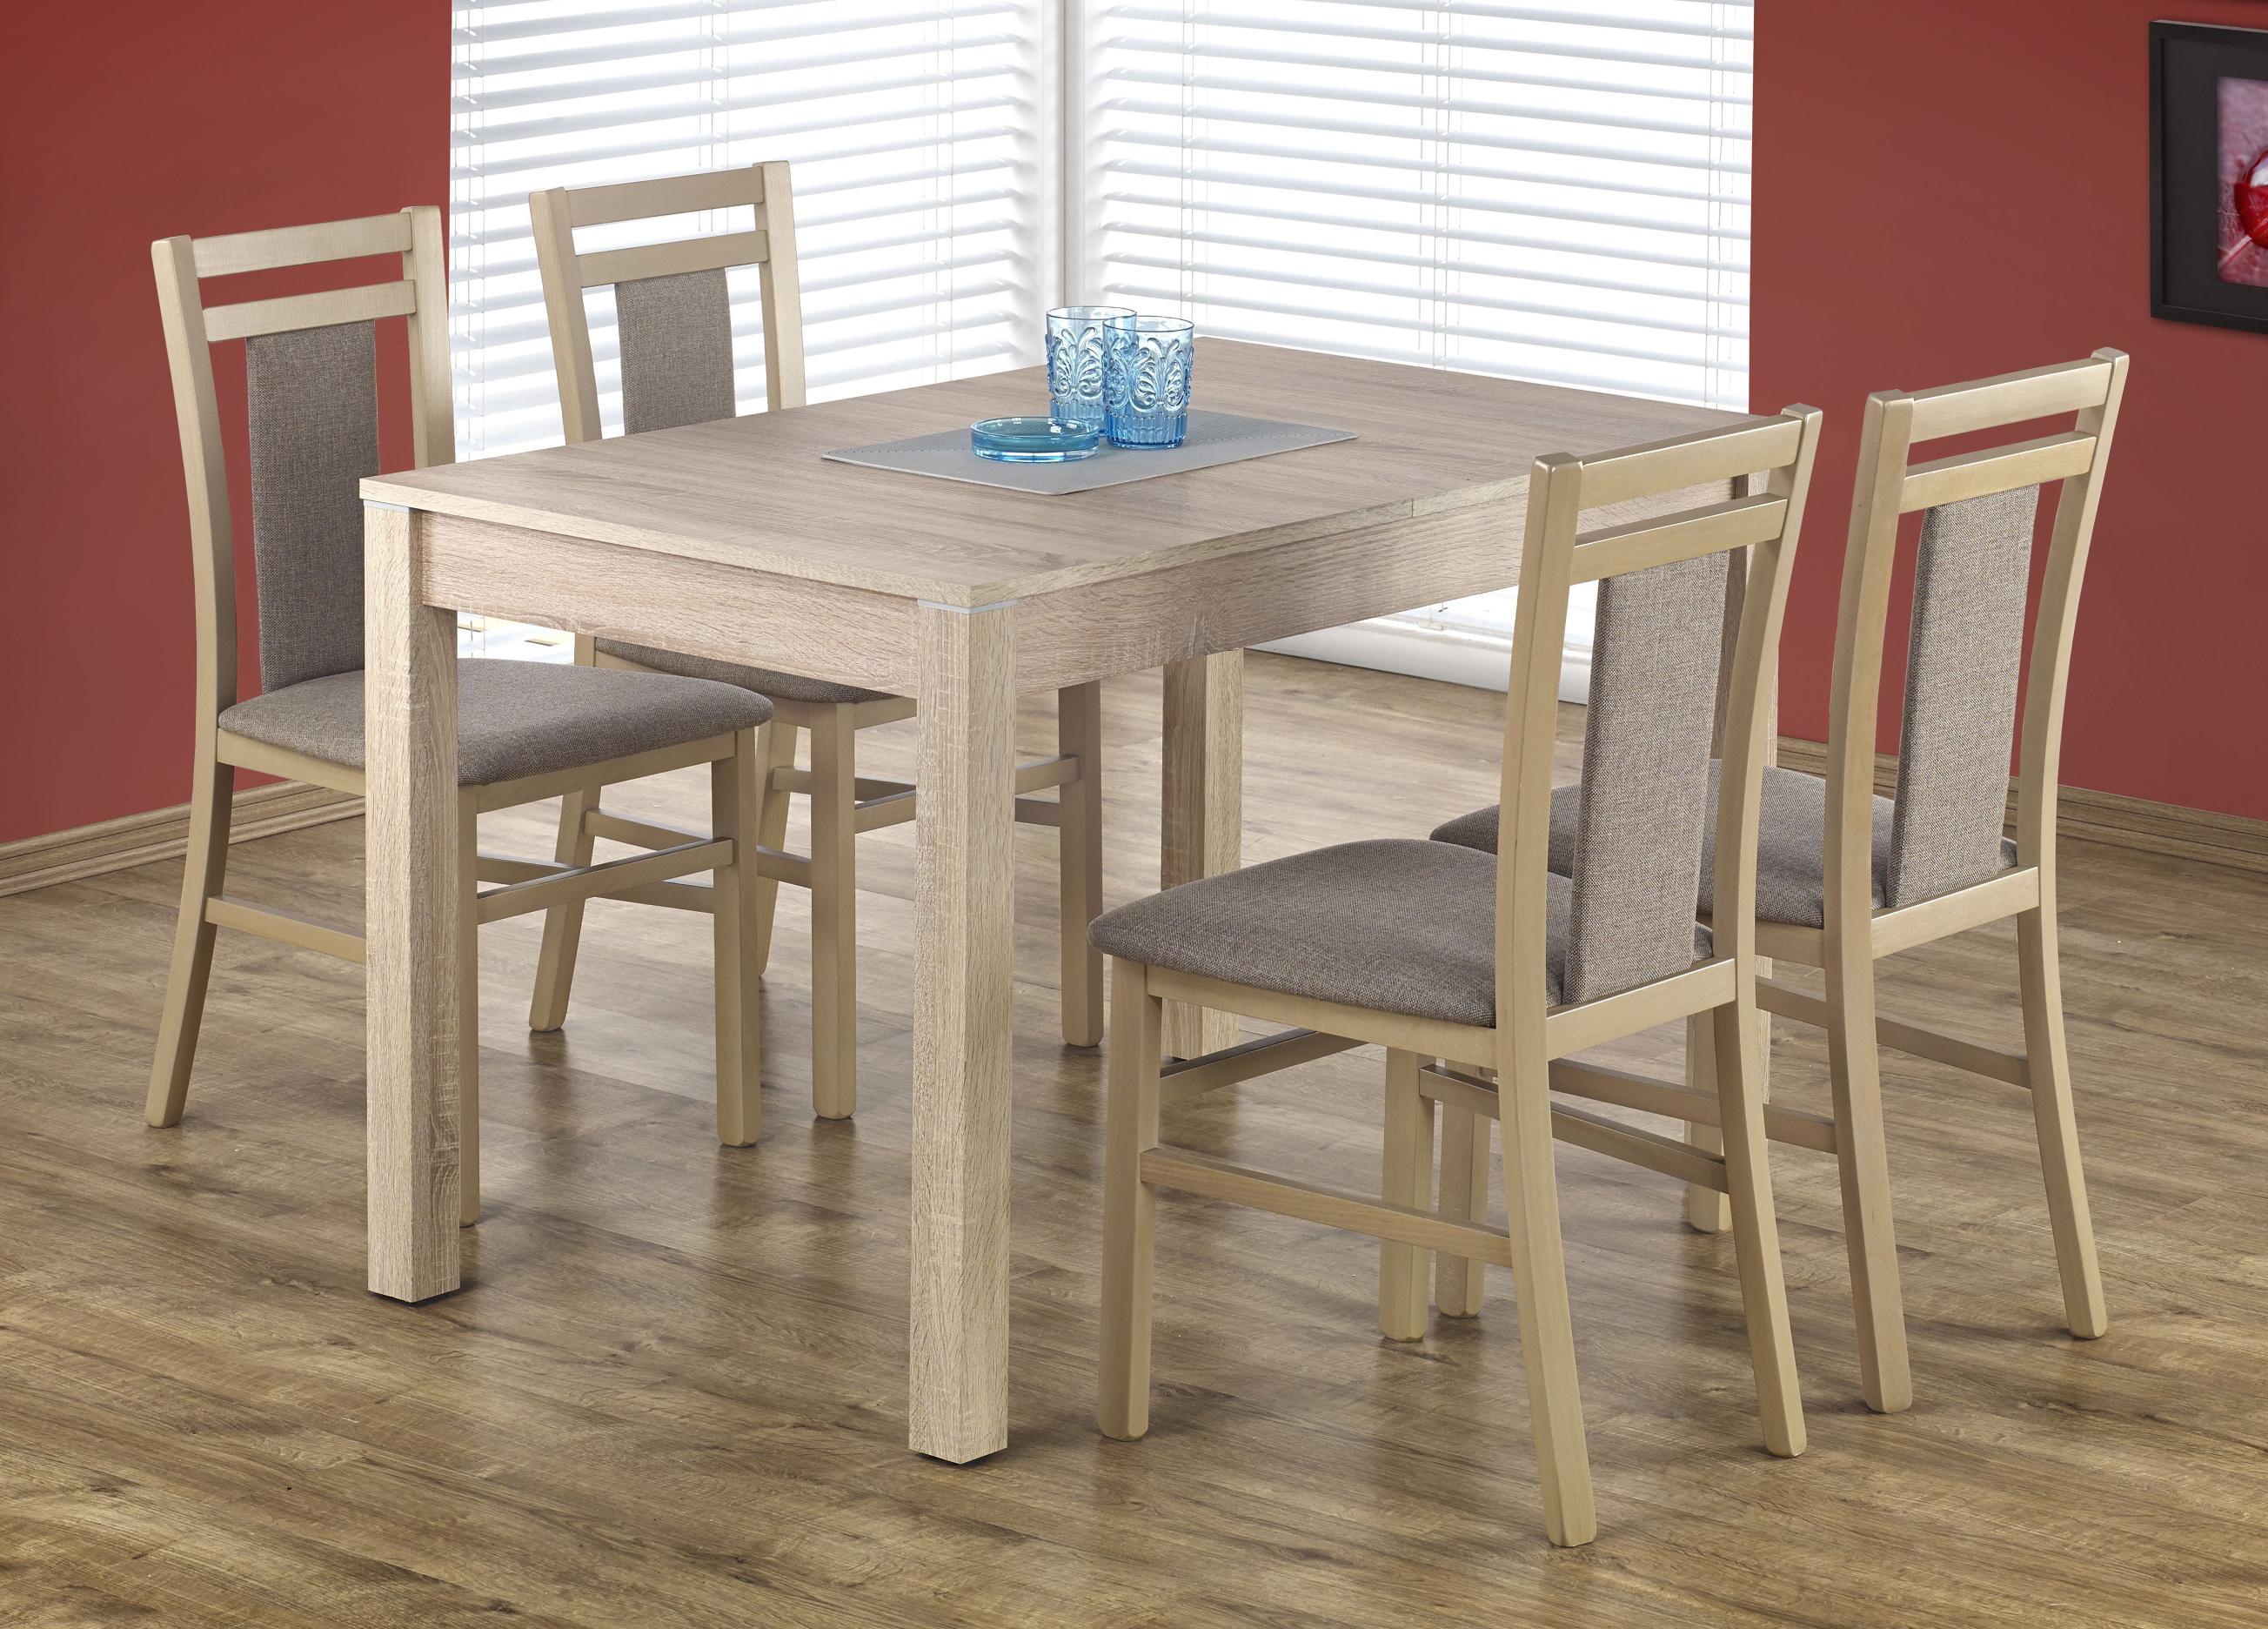 Jedálenský stôl - Halmar - MAURYCY (pre 4 až 6 osôb). Sme autorizovaný predajca Halmar.